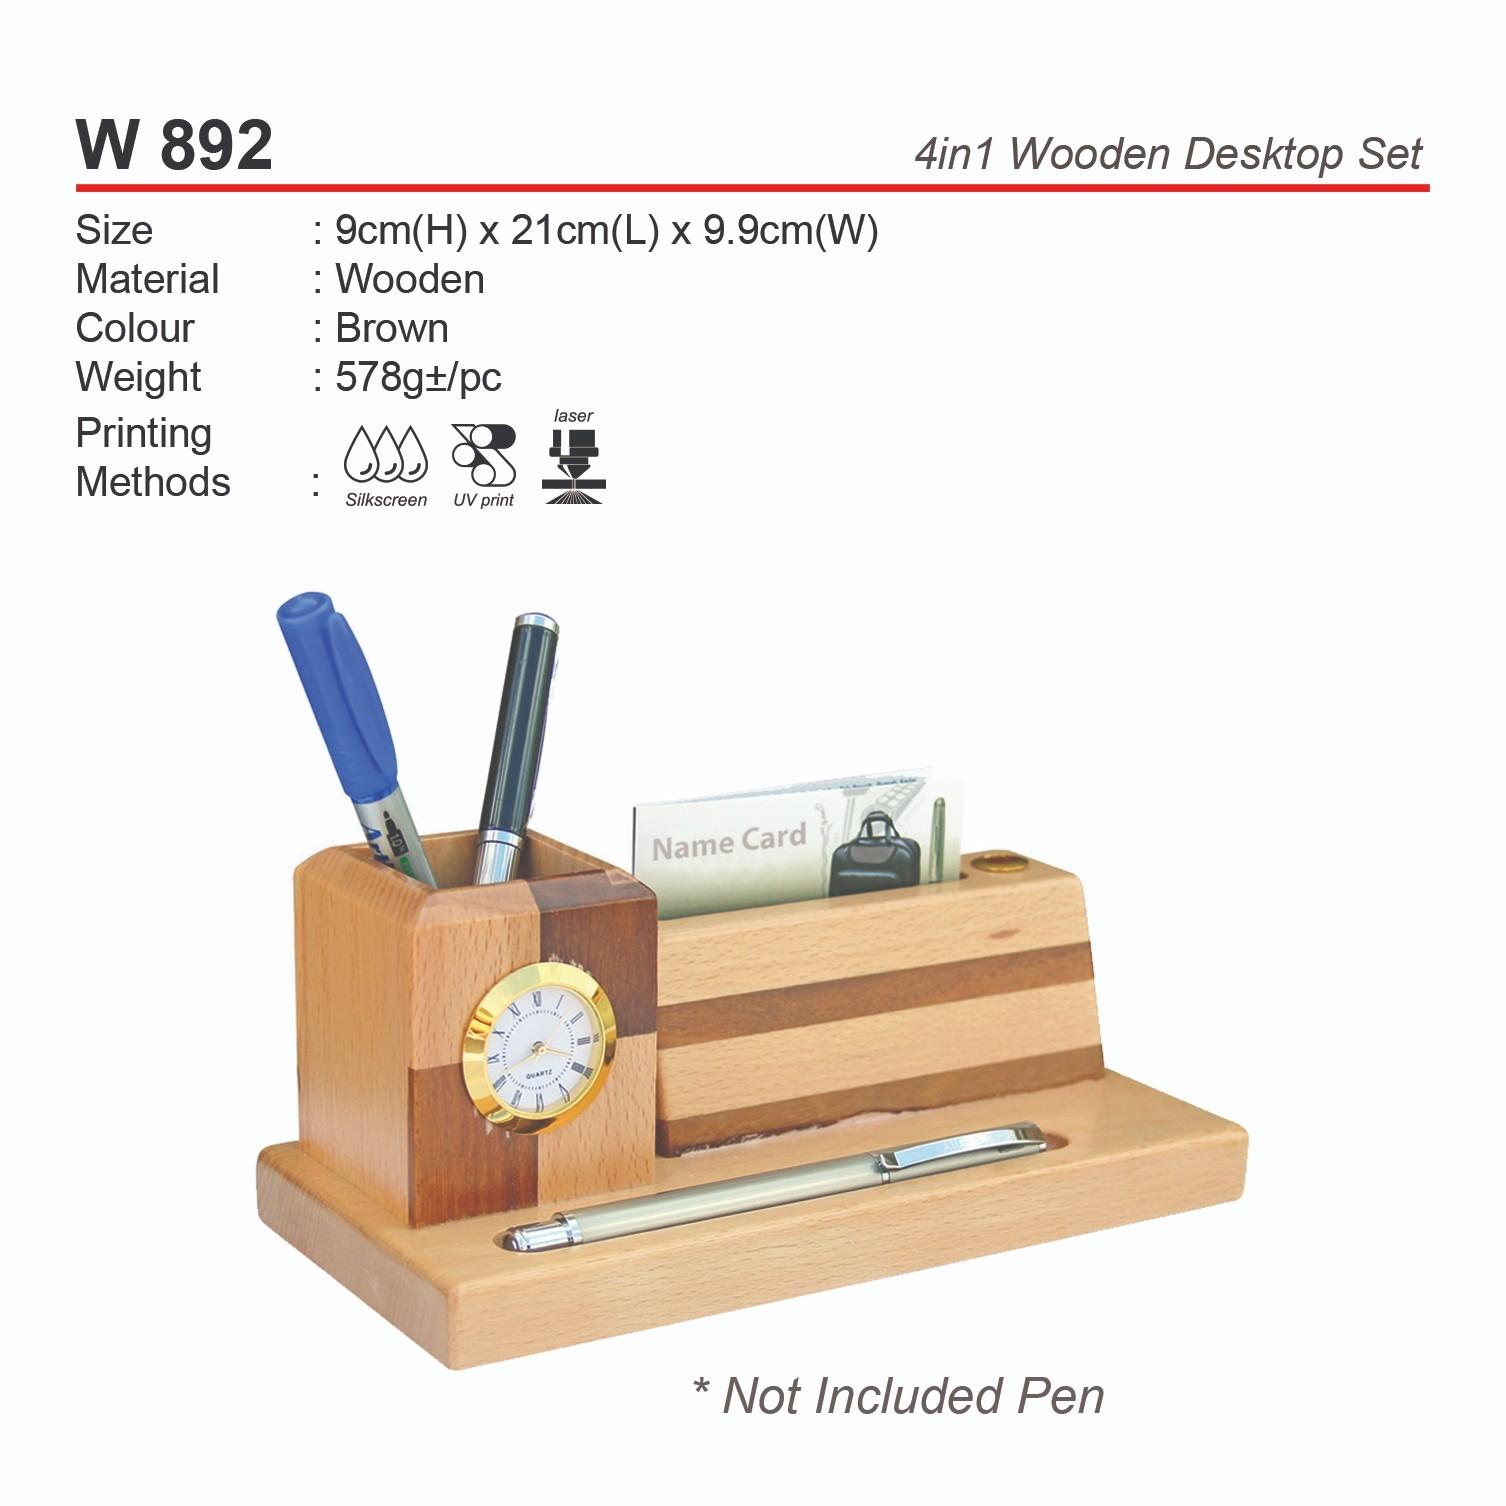 W 892 4in1 Wooden Desktop Set